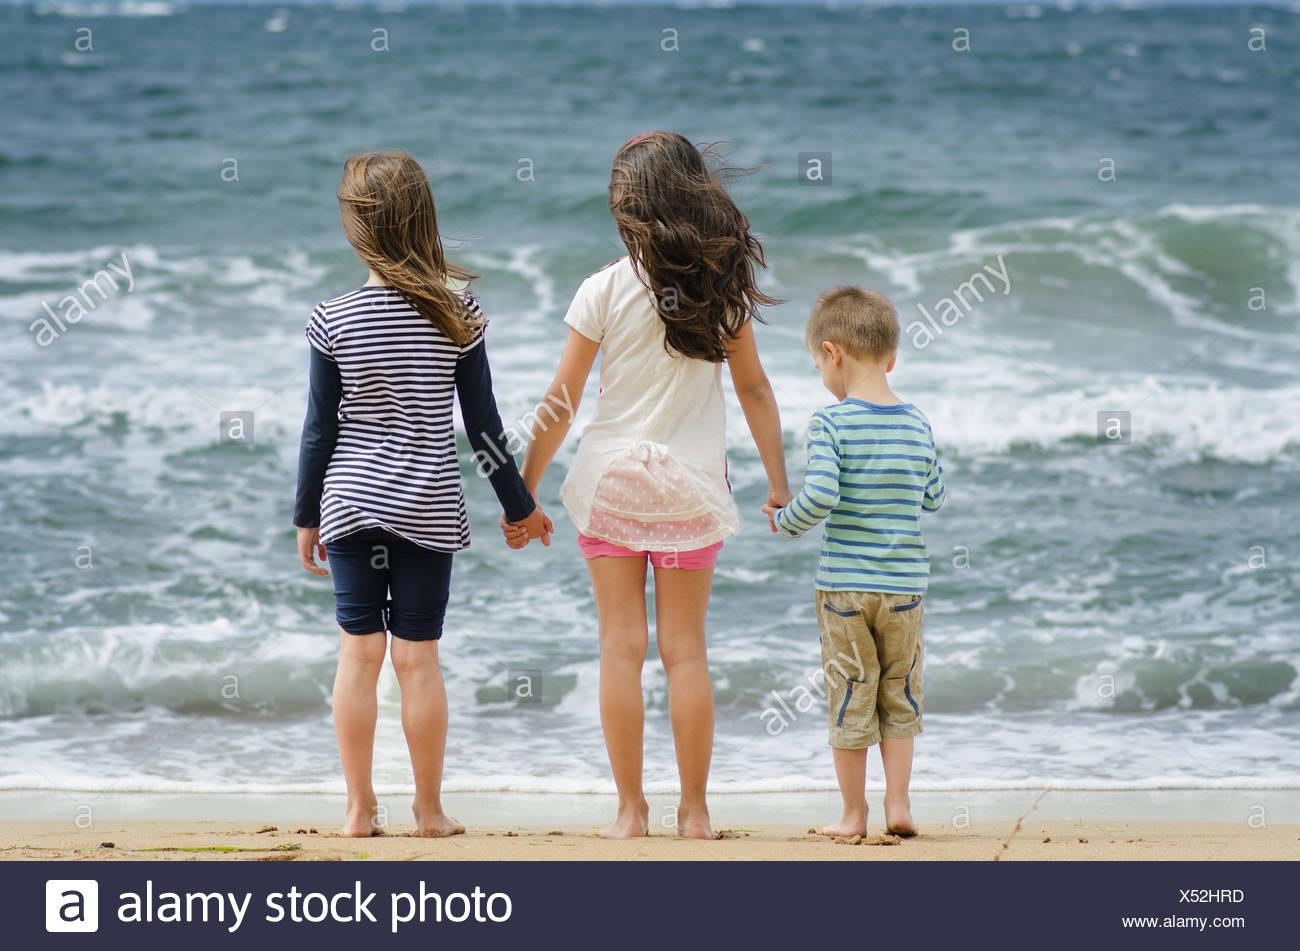 Bulgaria, dos niñas y un niño (8-9) (4-5) se sitúa en la línea de surf por manos mirando el mar Imagen De Stock